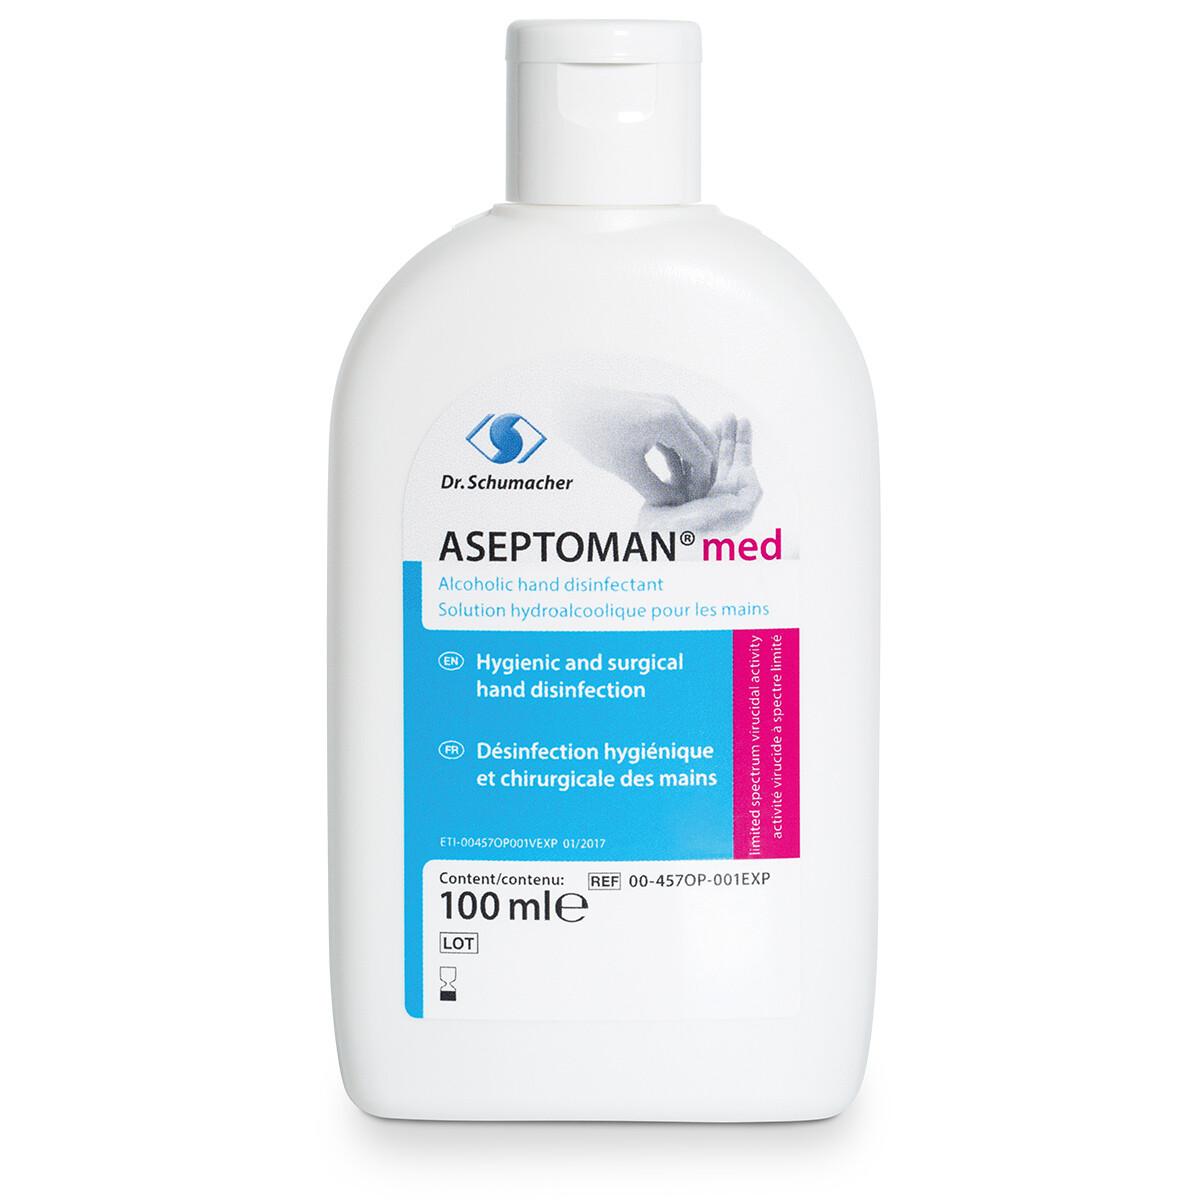 Aseptoman med 100ml Kittelflasche